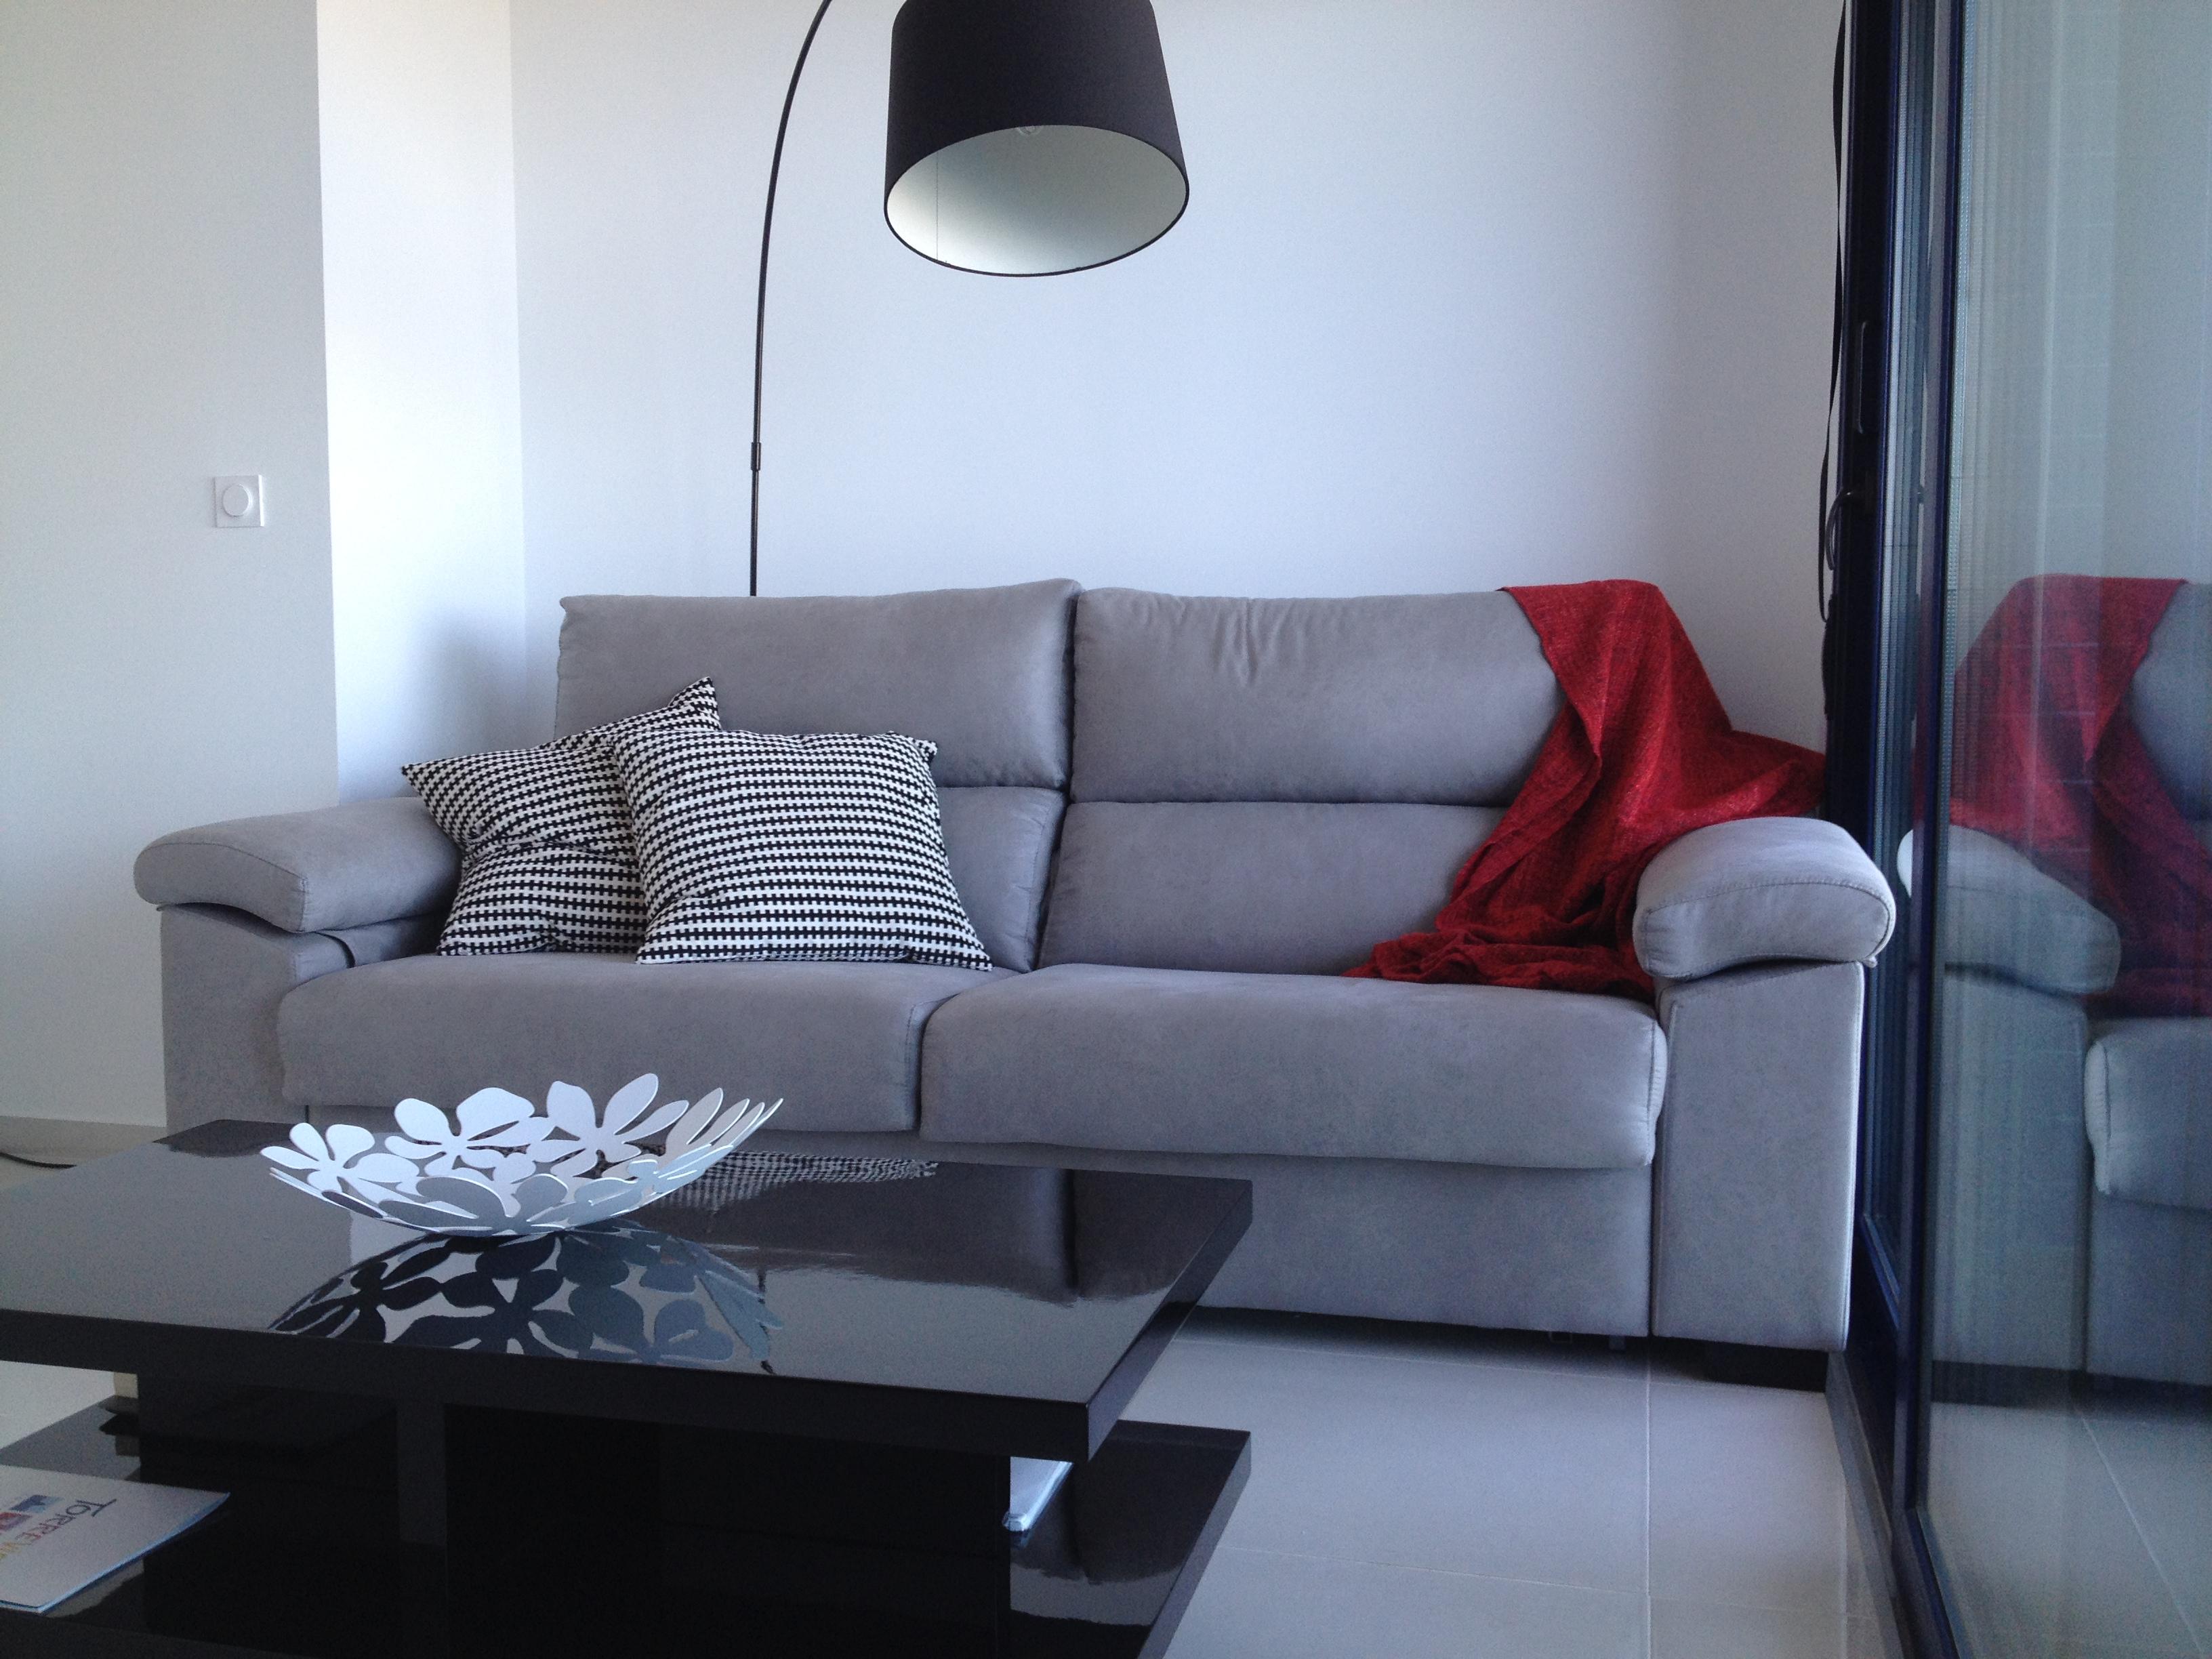 sea senses appartement publi2014-10-31 14.43.10